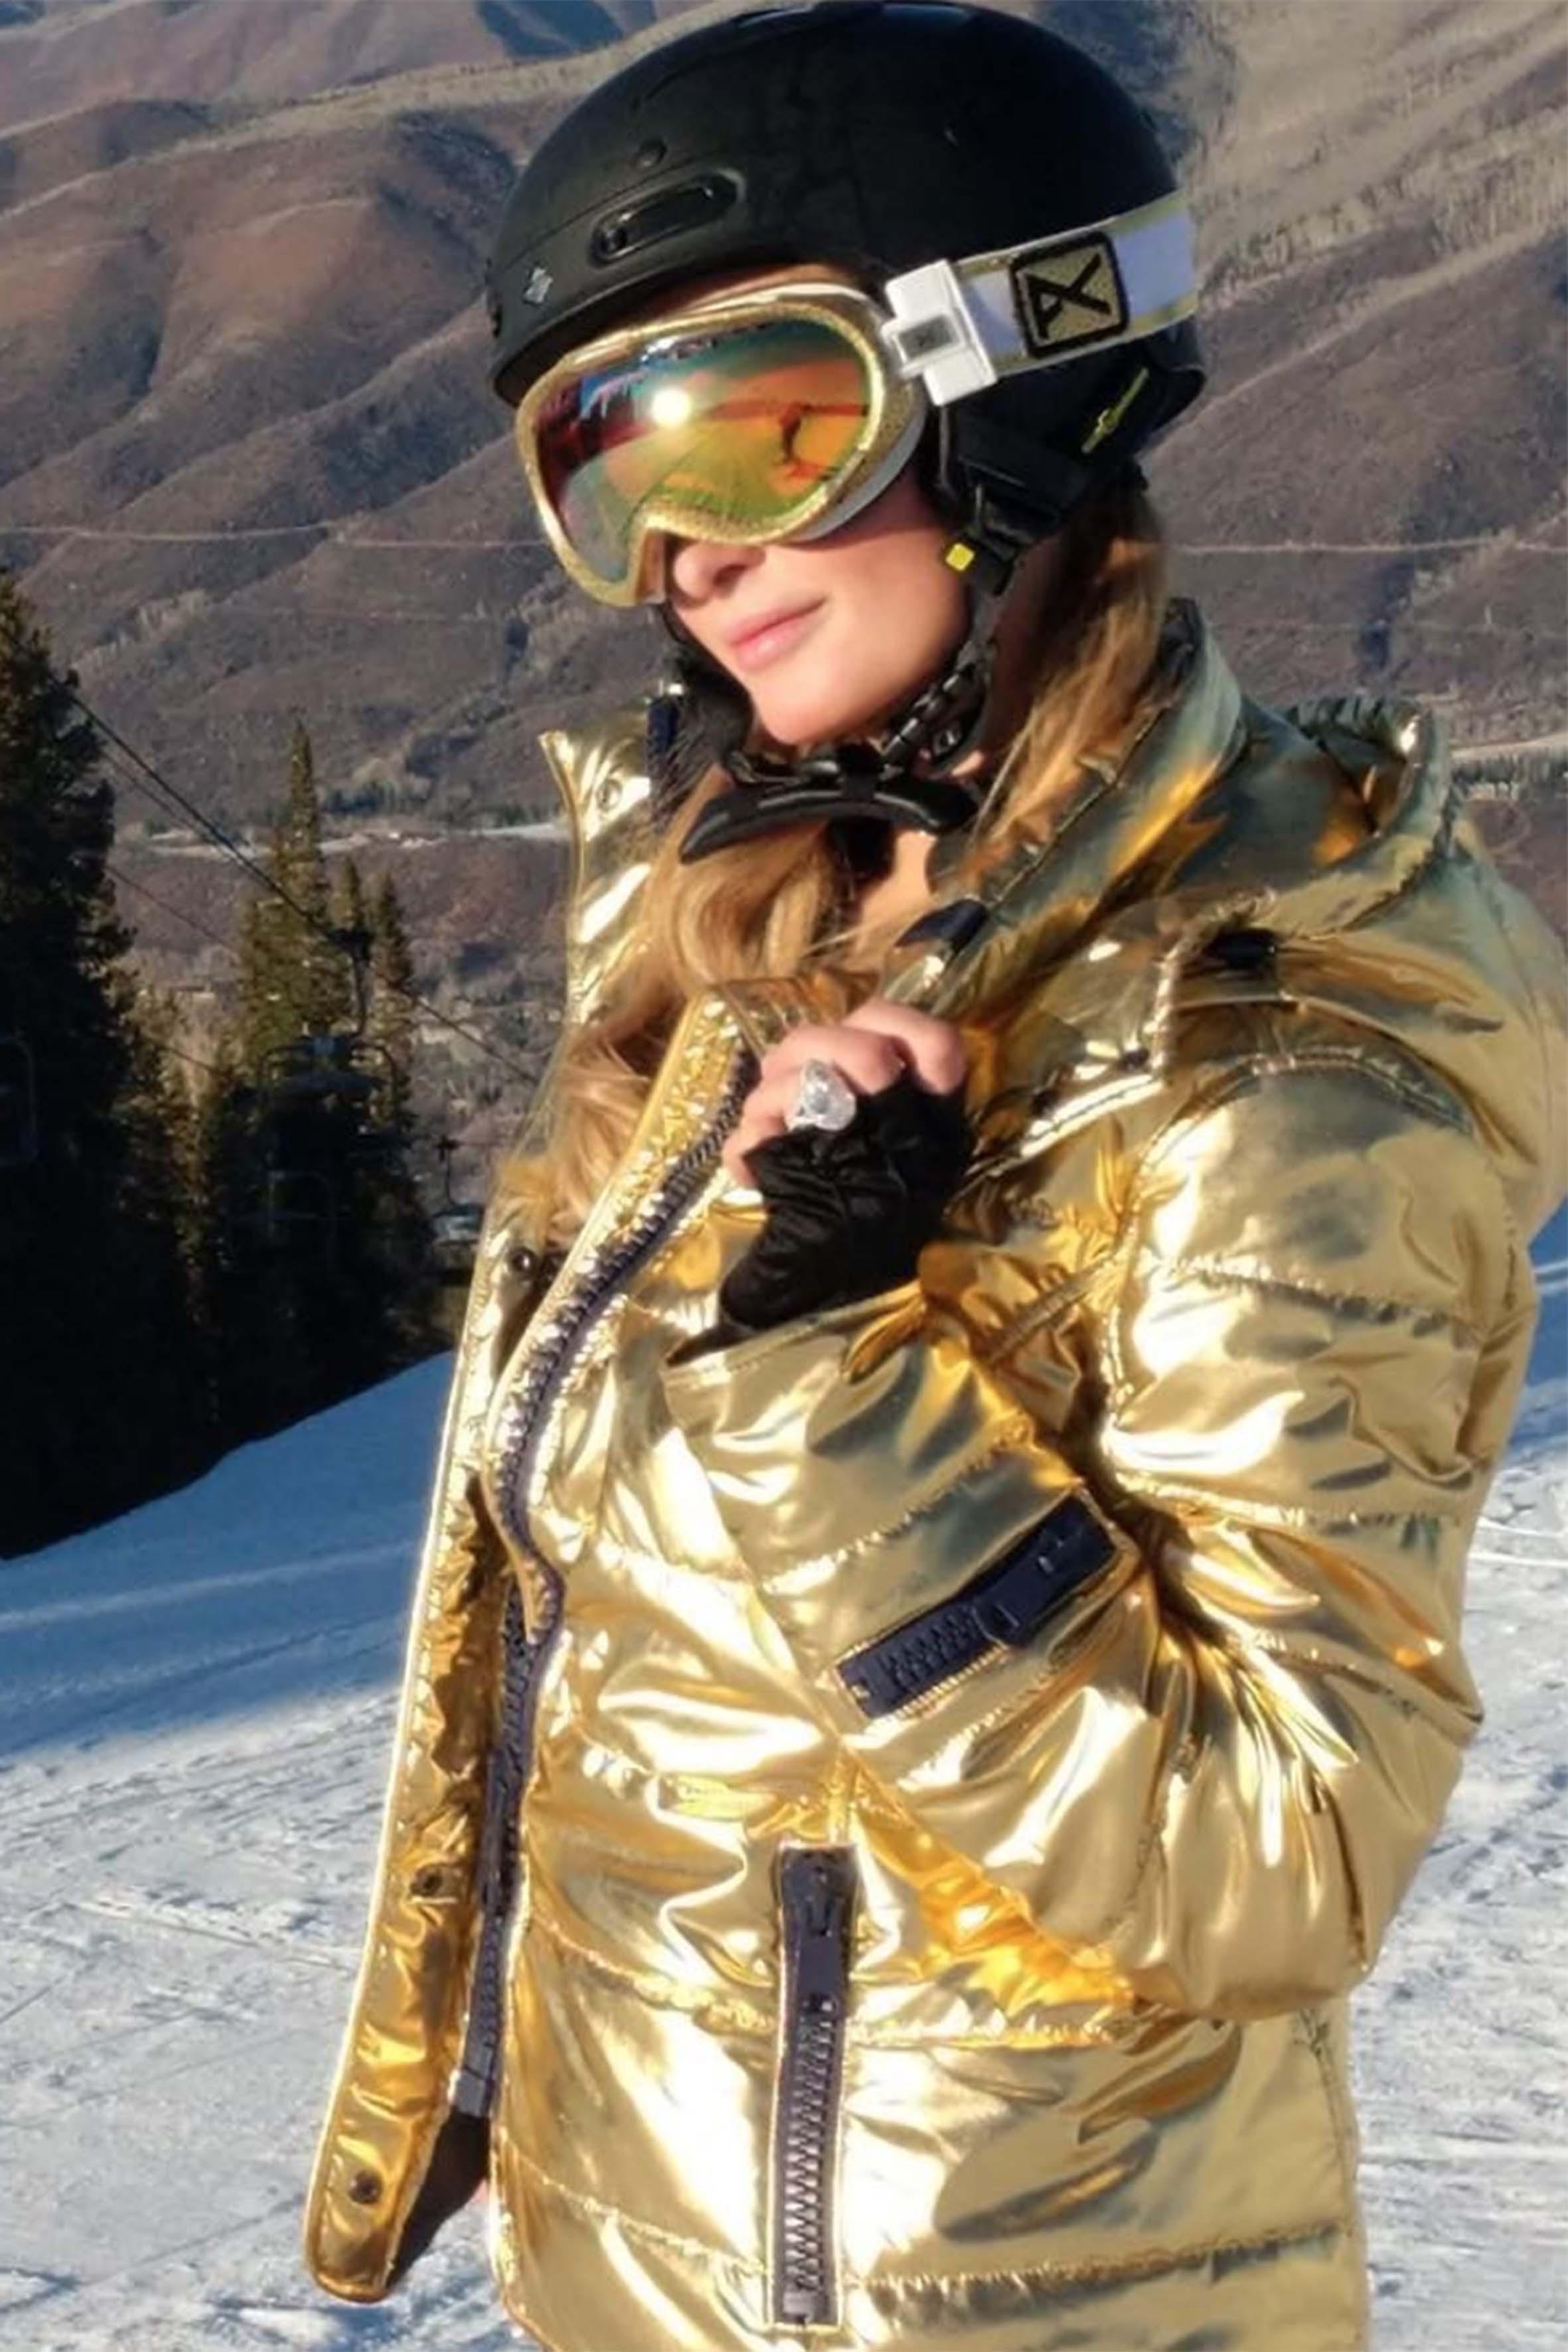 """""""GoldenGirl"""" scrive Paris Hilton su Instagram, sfoggiando il suo nuovo diamante da neo fidanzata. La bella ereditiera si trova ad Aspen, Colorado, insieme a Chris: la celebre località sciistica, in questa stagione, è frequentata da moltissime star"""